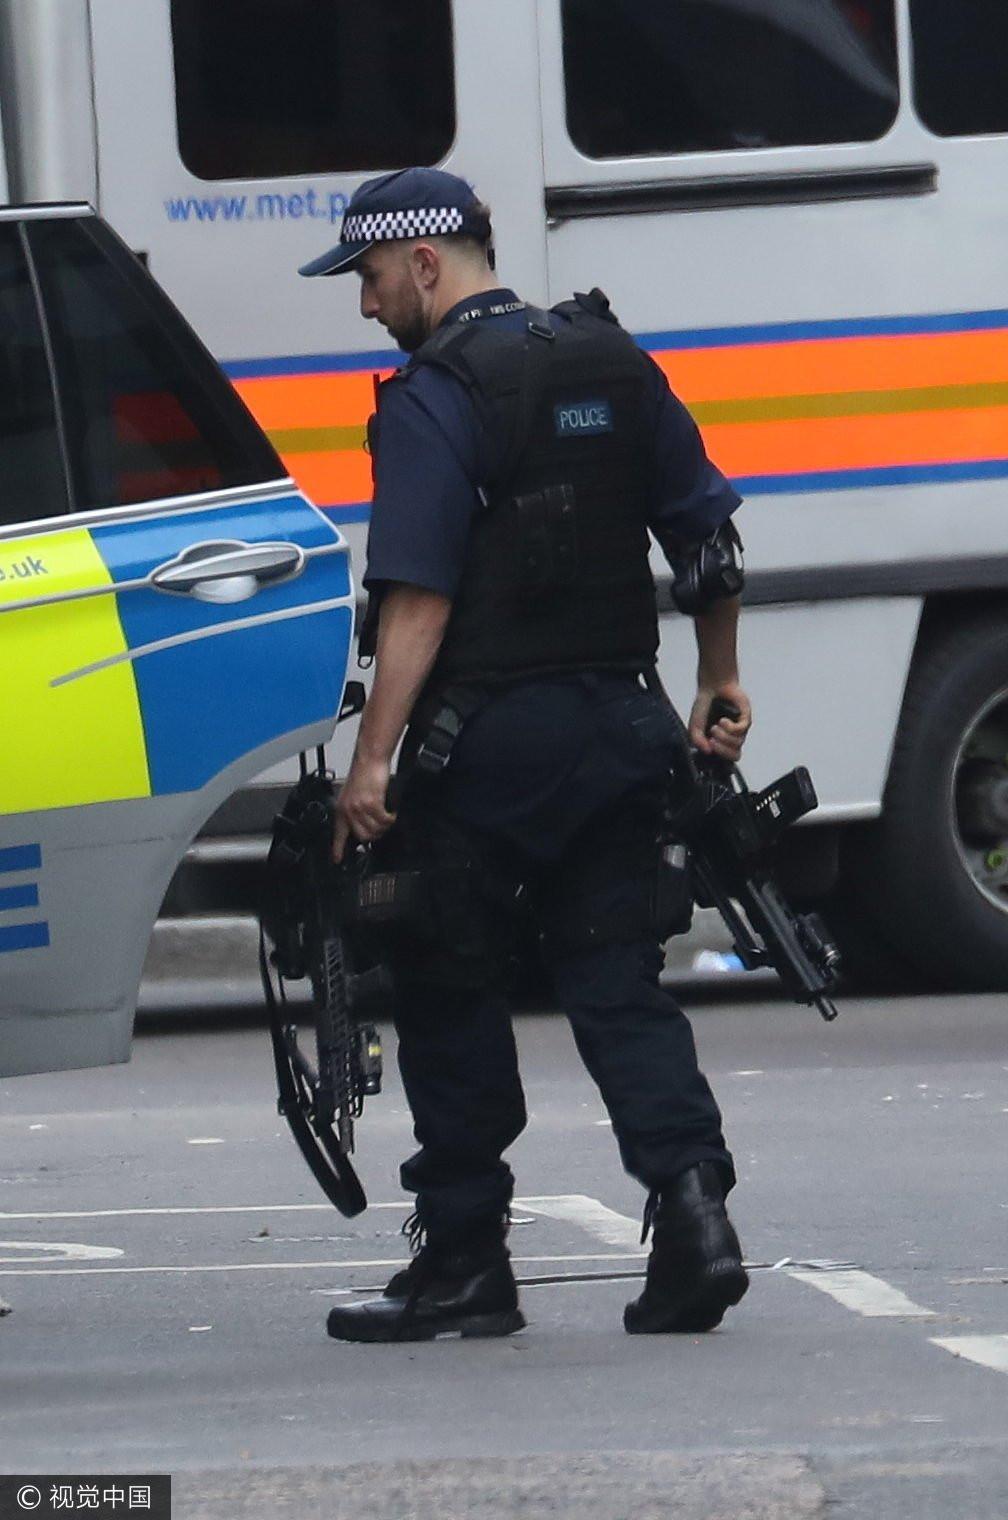 伦敦恐怖袭击后 武装警察荷枪实弹在街头巡逻